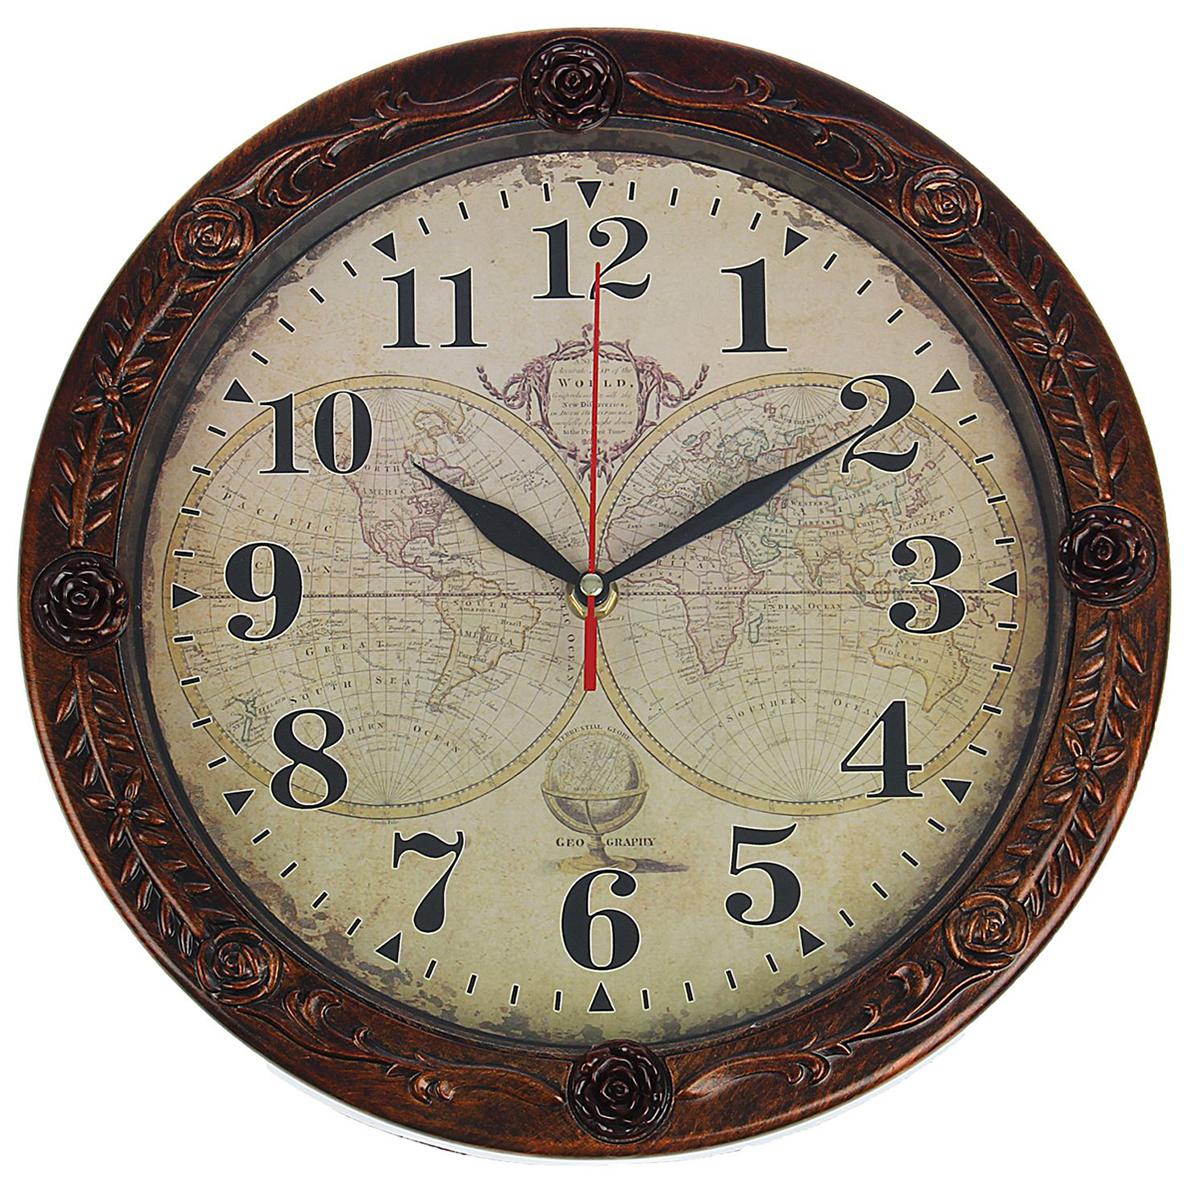 Часы настенные Карта мира, диаметр 29 см1876946Каждому хозяину периодически приходит мысль обновить свою квартиру, сделать ремонт, перестановку или кардинально поменять внешний вид каждой комнаты. Часы настенные круглые Карта мира, d= 29 cм, коричневая рама со вставками розы — привлекательная деталь, которая поможет воплотить вашу интерьерную идею, создать неповторимую атмосферу в вашем доме. Окружите себя приятными мелочами, пусть они радуют глаз и дарят гармонию.Часы настенные круглые ,кор. рама со вставками розы,на циферблате Карта мира d= 29cм 30х4 см 1876946